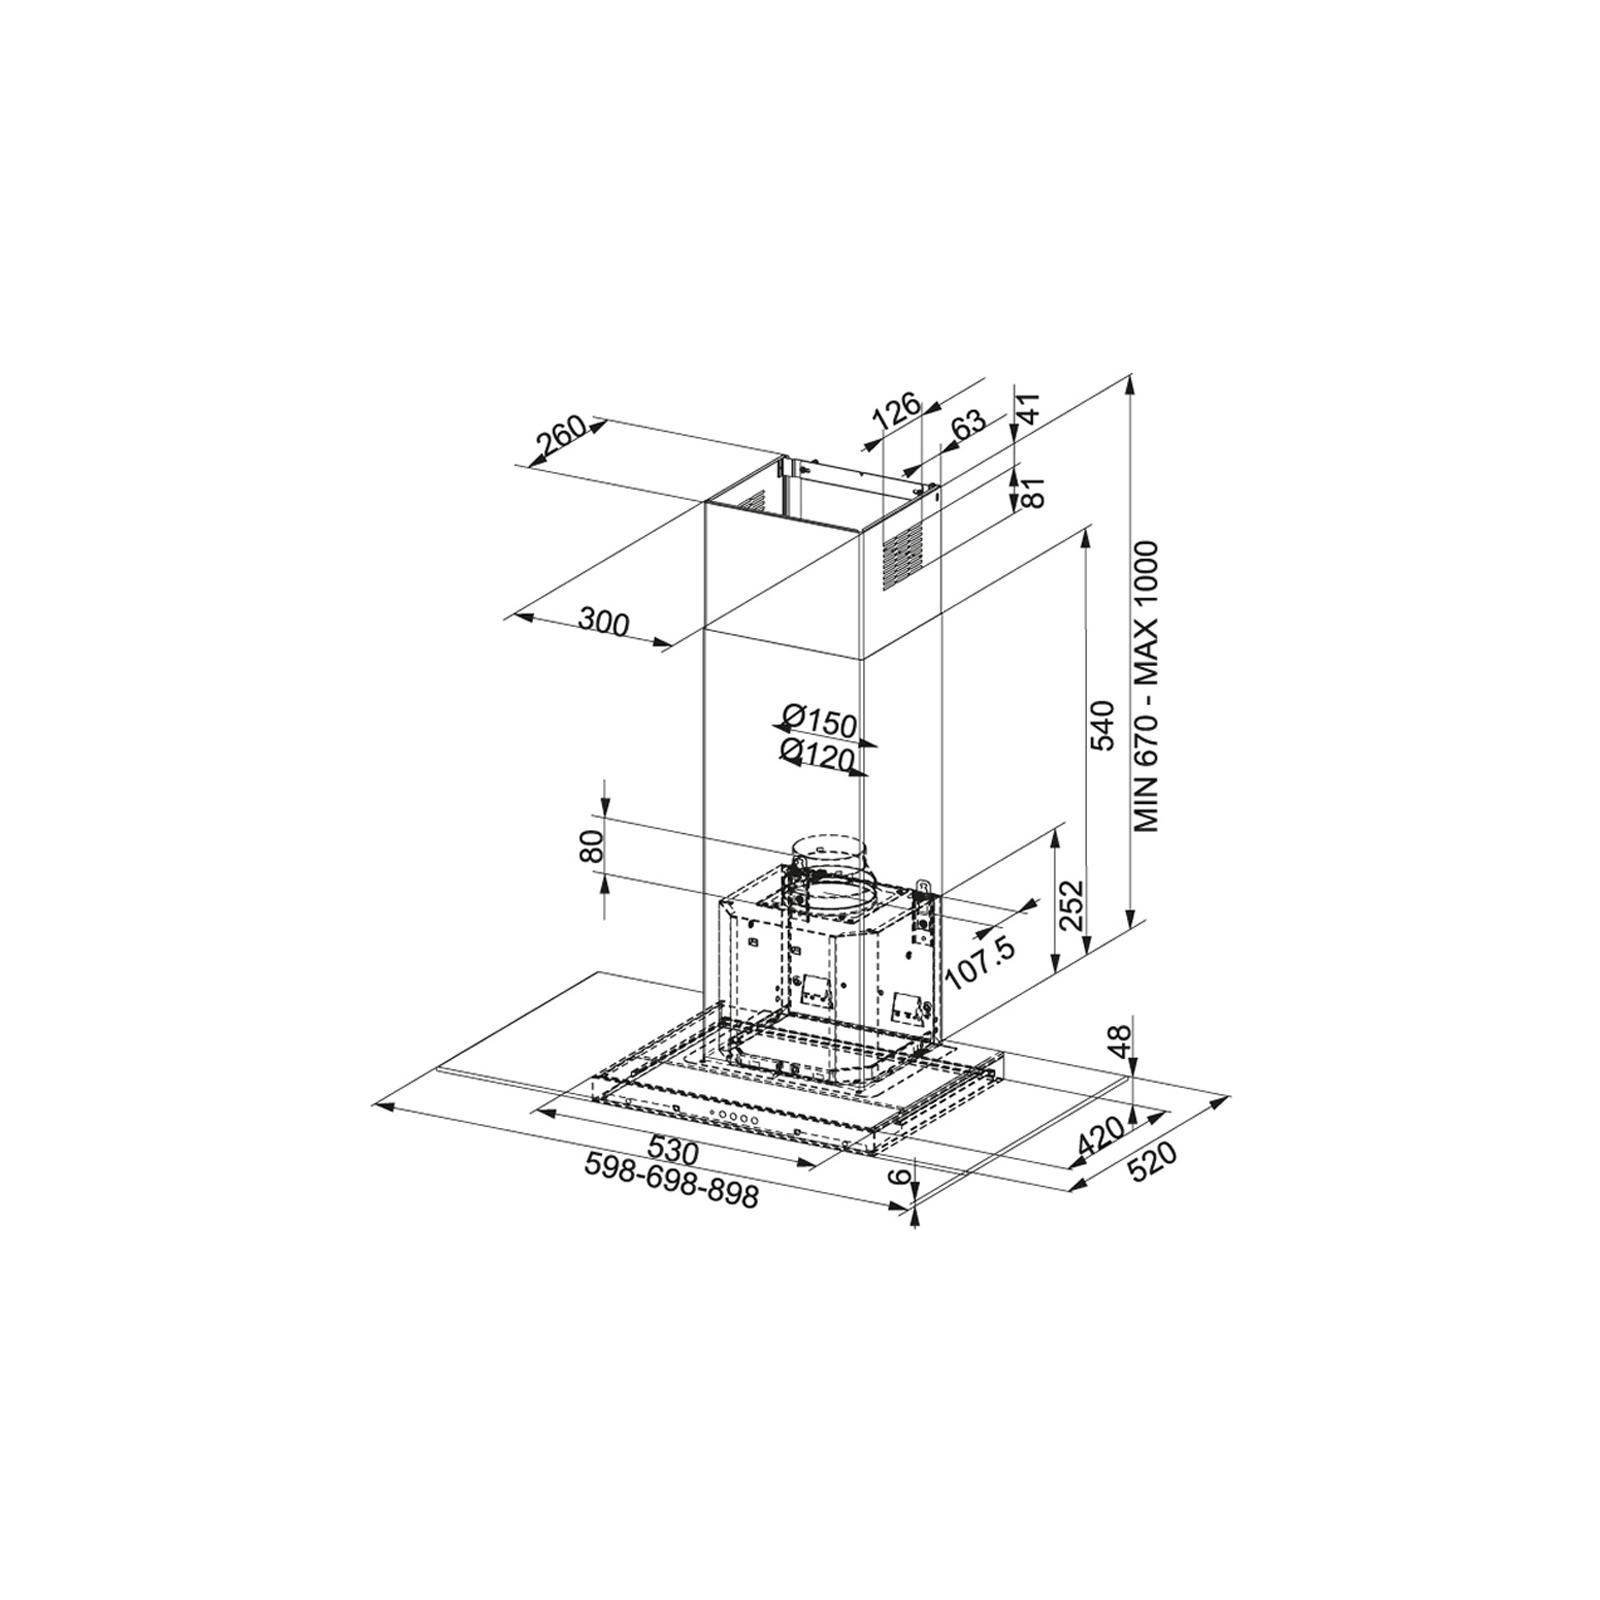 Вытяжка кухонная Franke Glass Linear FGL 905-P XS LED0 (325.0518.784) изображение 2